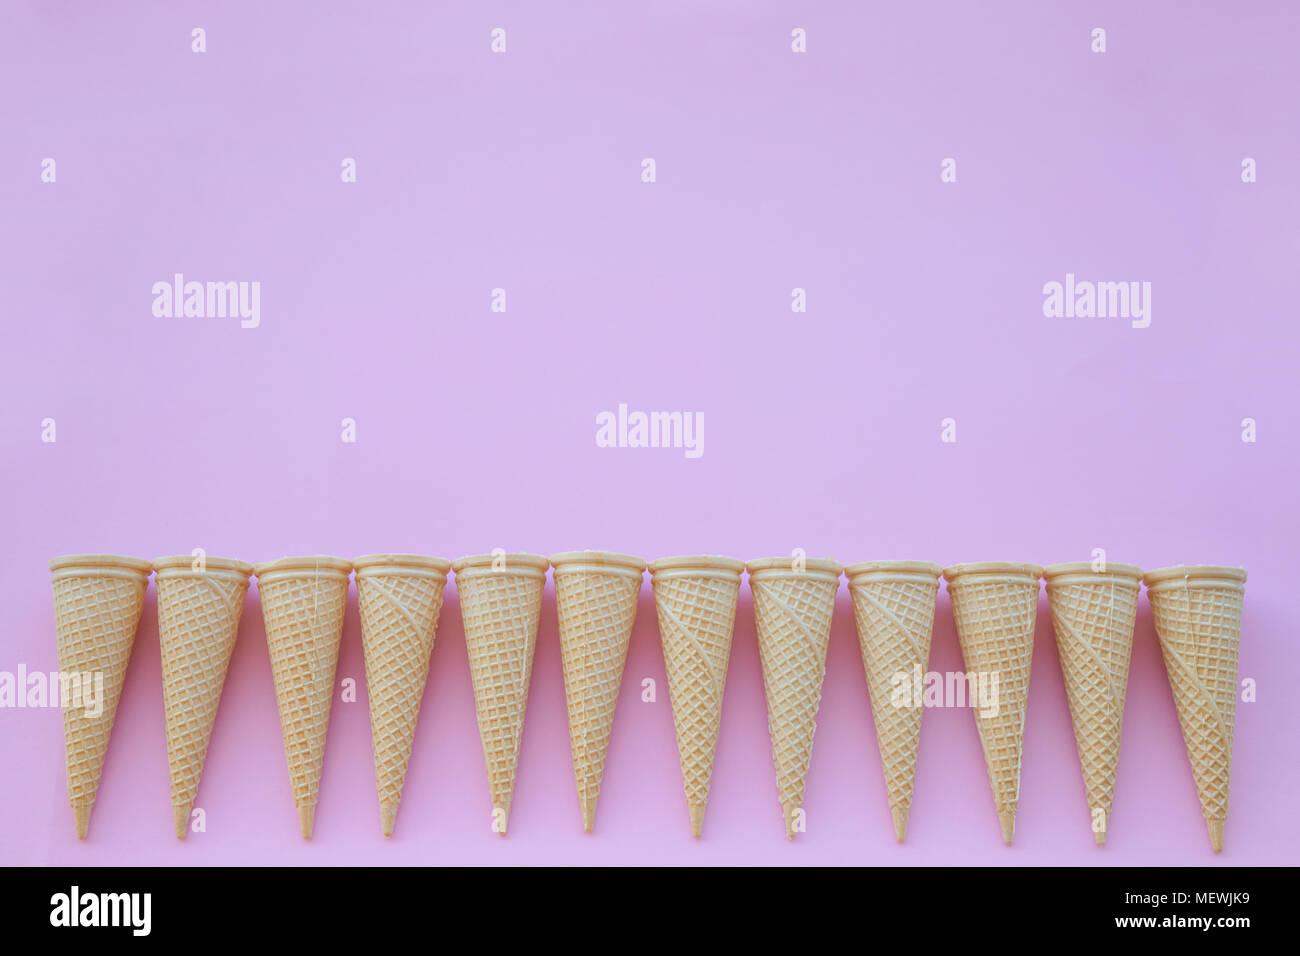 Cornet de crème glacée sur fond rose Photo Stock